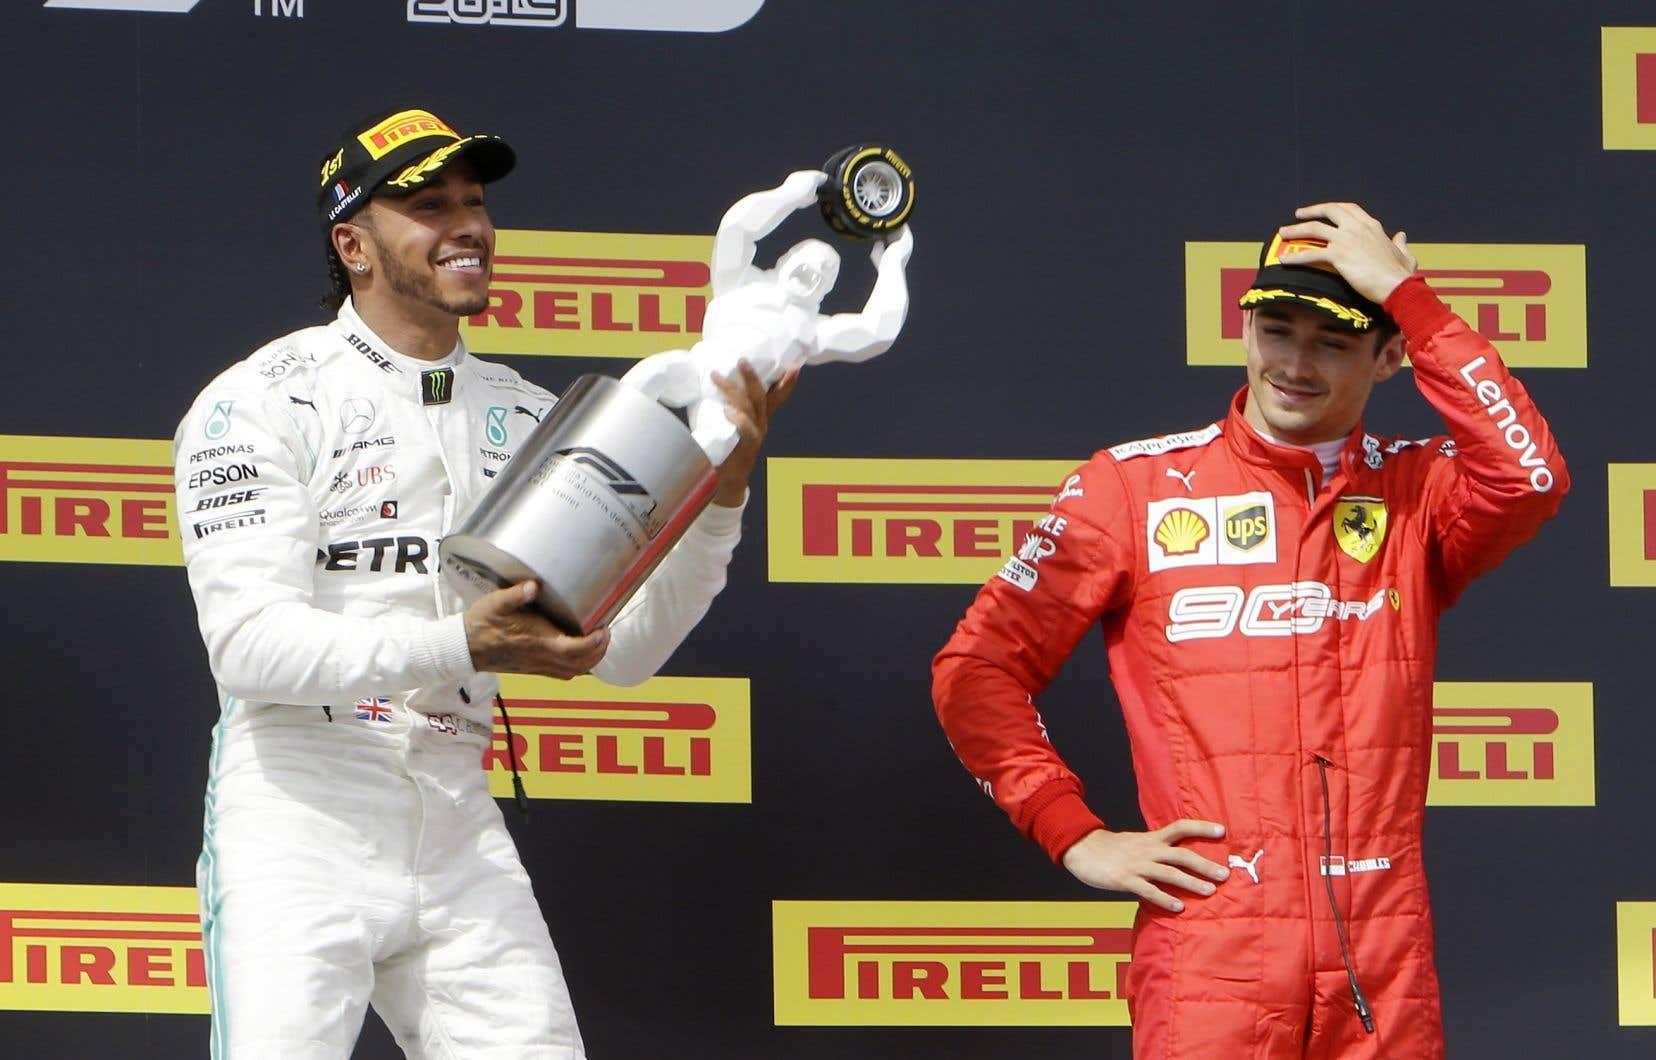 Hamilton est en quête d'un sixième championnat de la Formule Un. Il en est à 79 victoires, à 12 d'égaler la récolte record de Michael Schumacher.